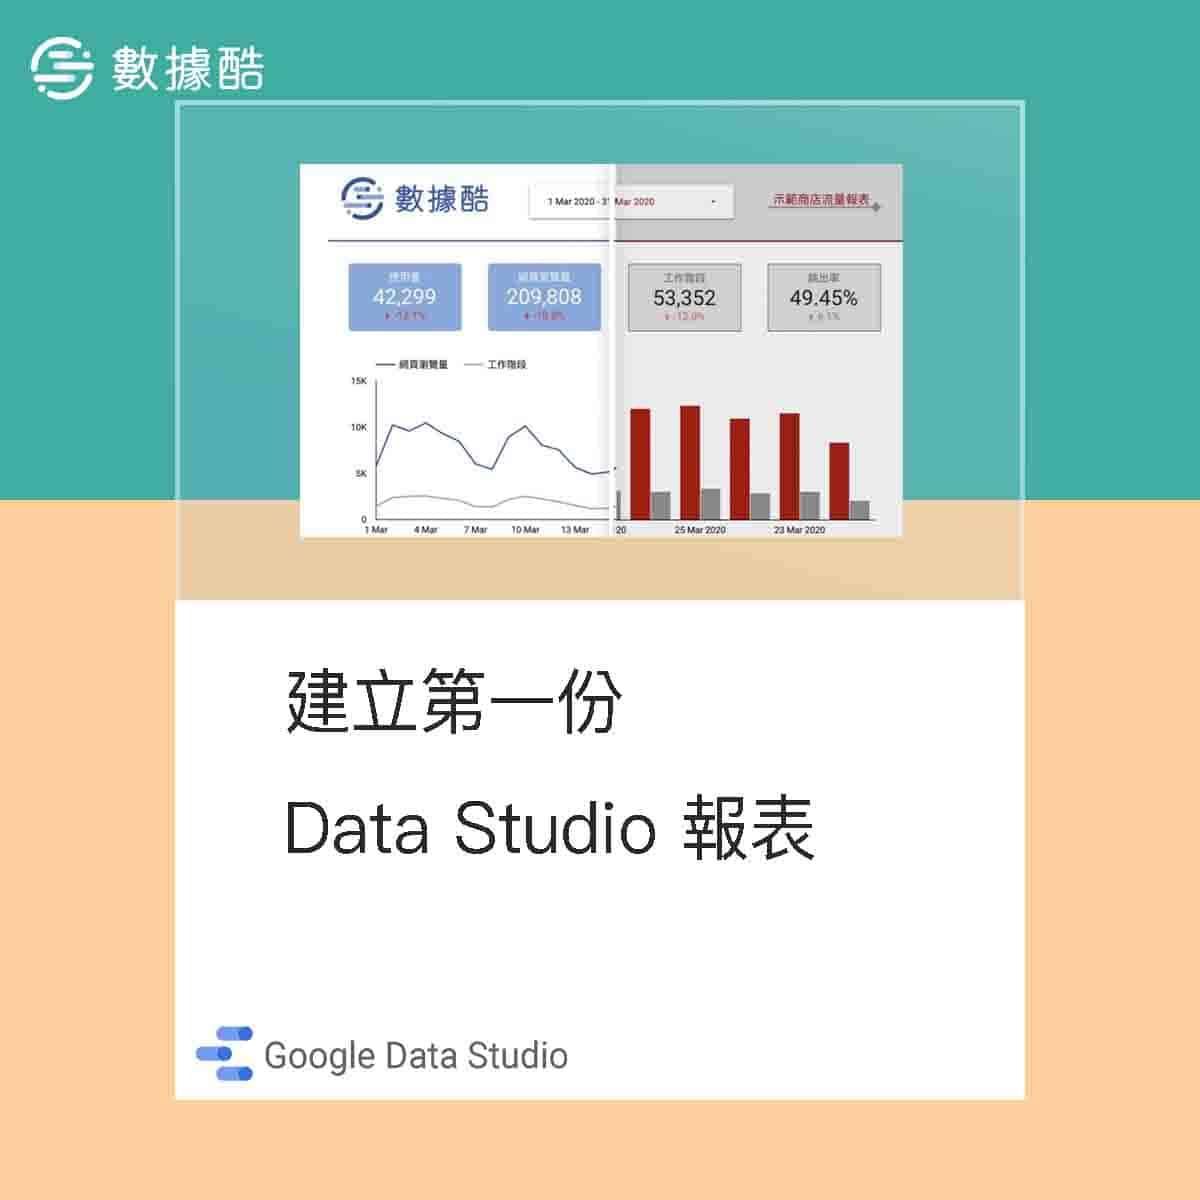 建立第一份 Data Studio 報表